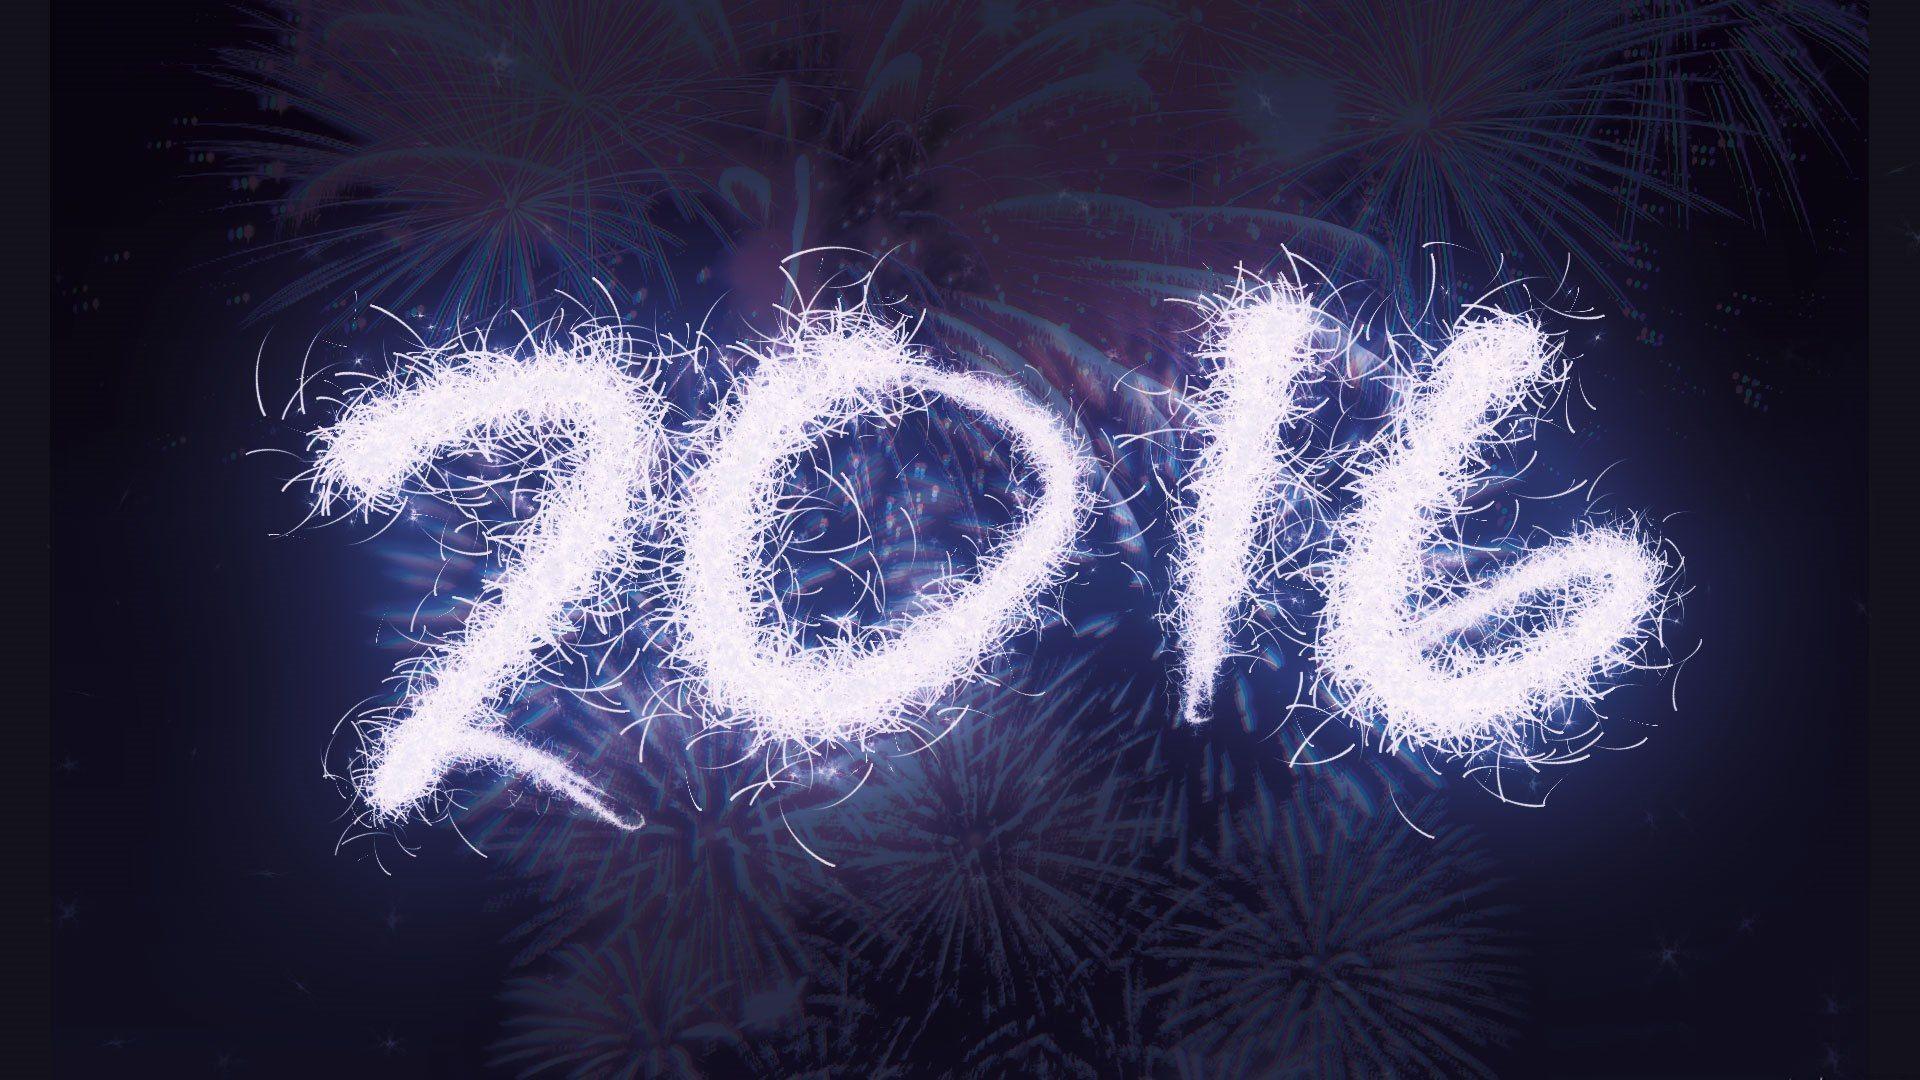 Тоске, открытки с новым годом 2016 сделанные